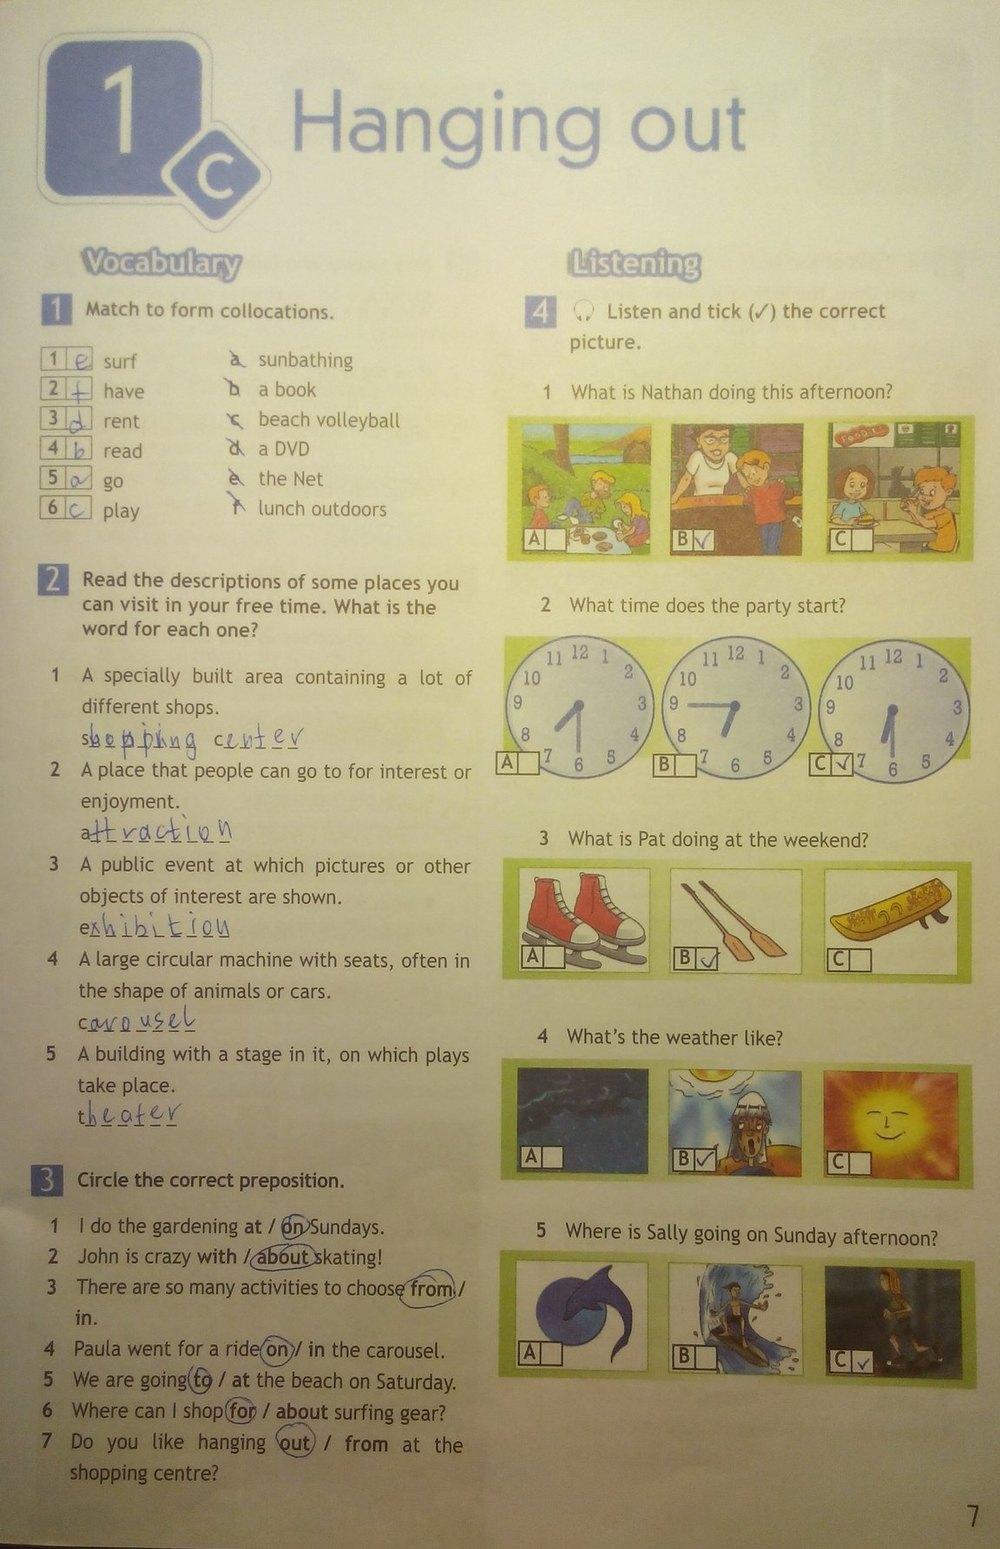 Рабочей по английскому 7 вирджиния тетради по эванс языку гдз класс